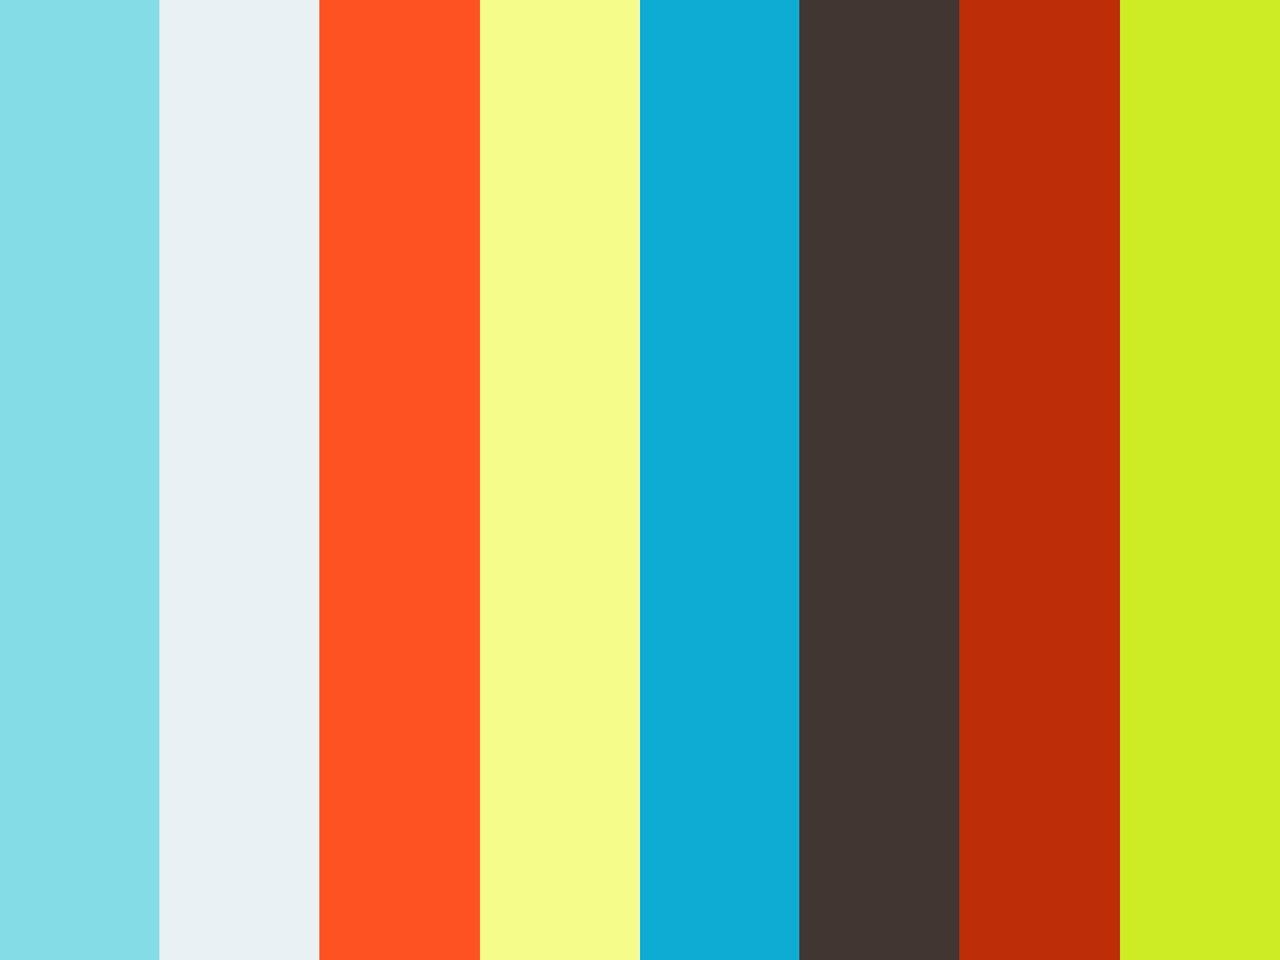 PeterChalke2.1